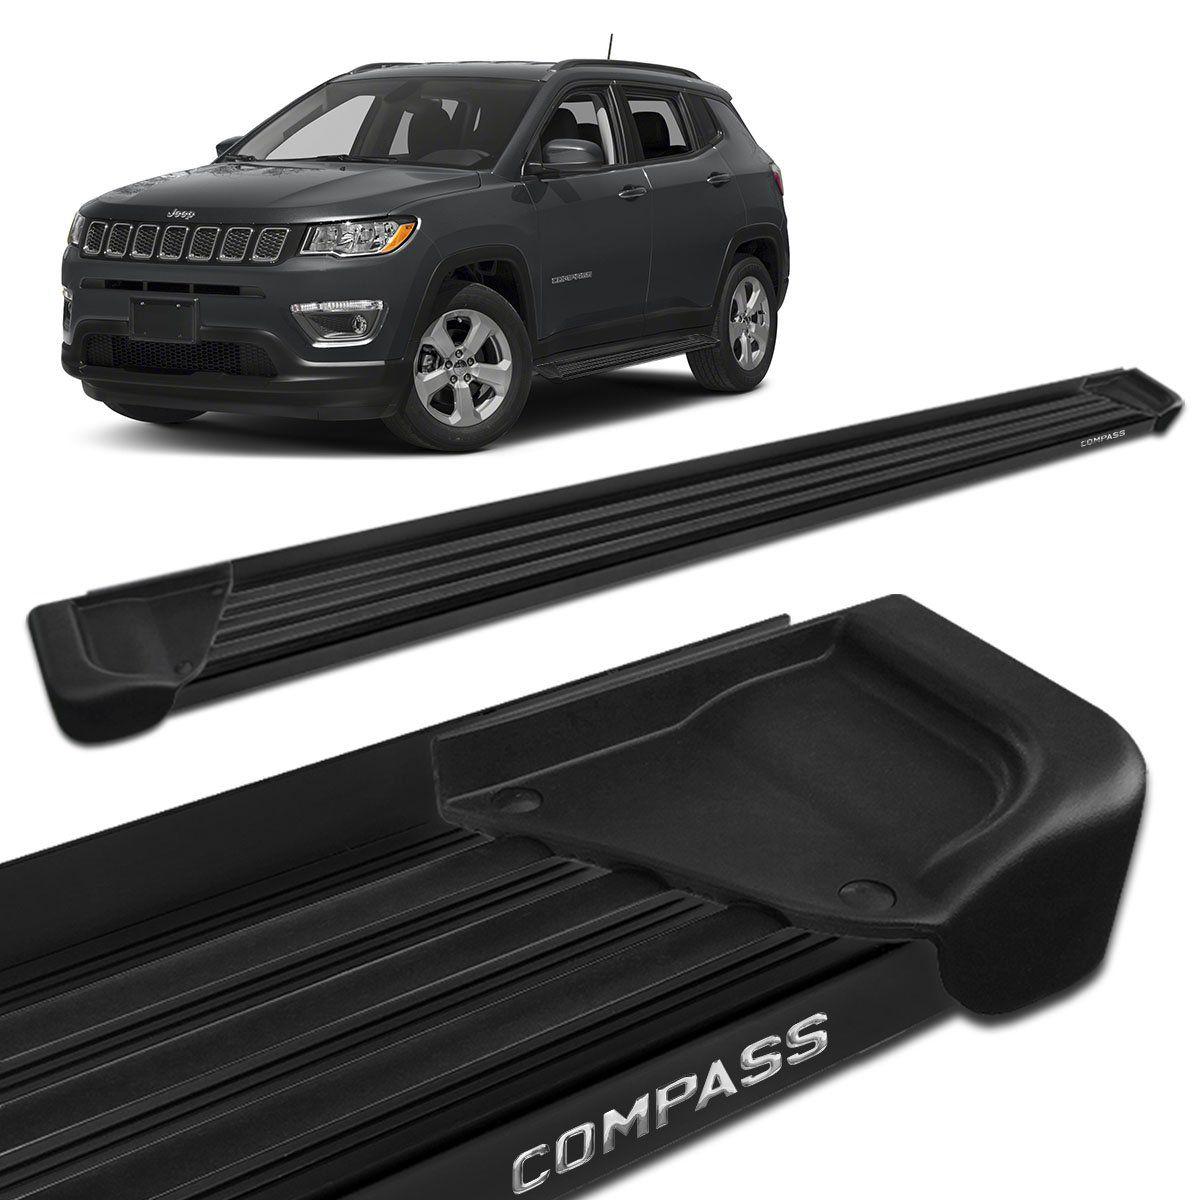 Estribo Lateral Jeep Compass 2017 a 2019 Aluminio Preto A1